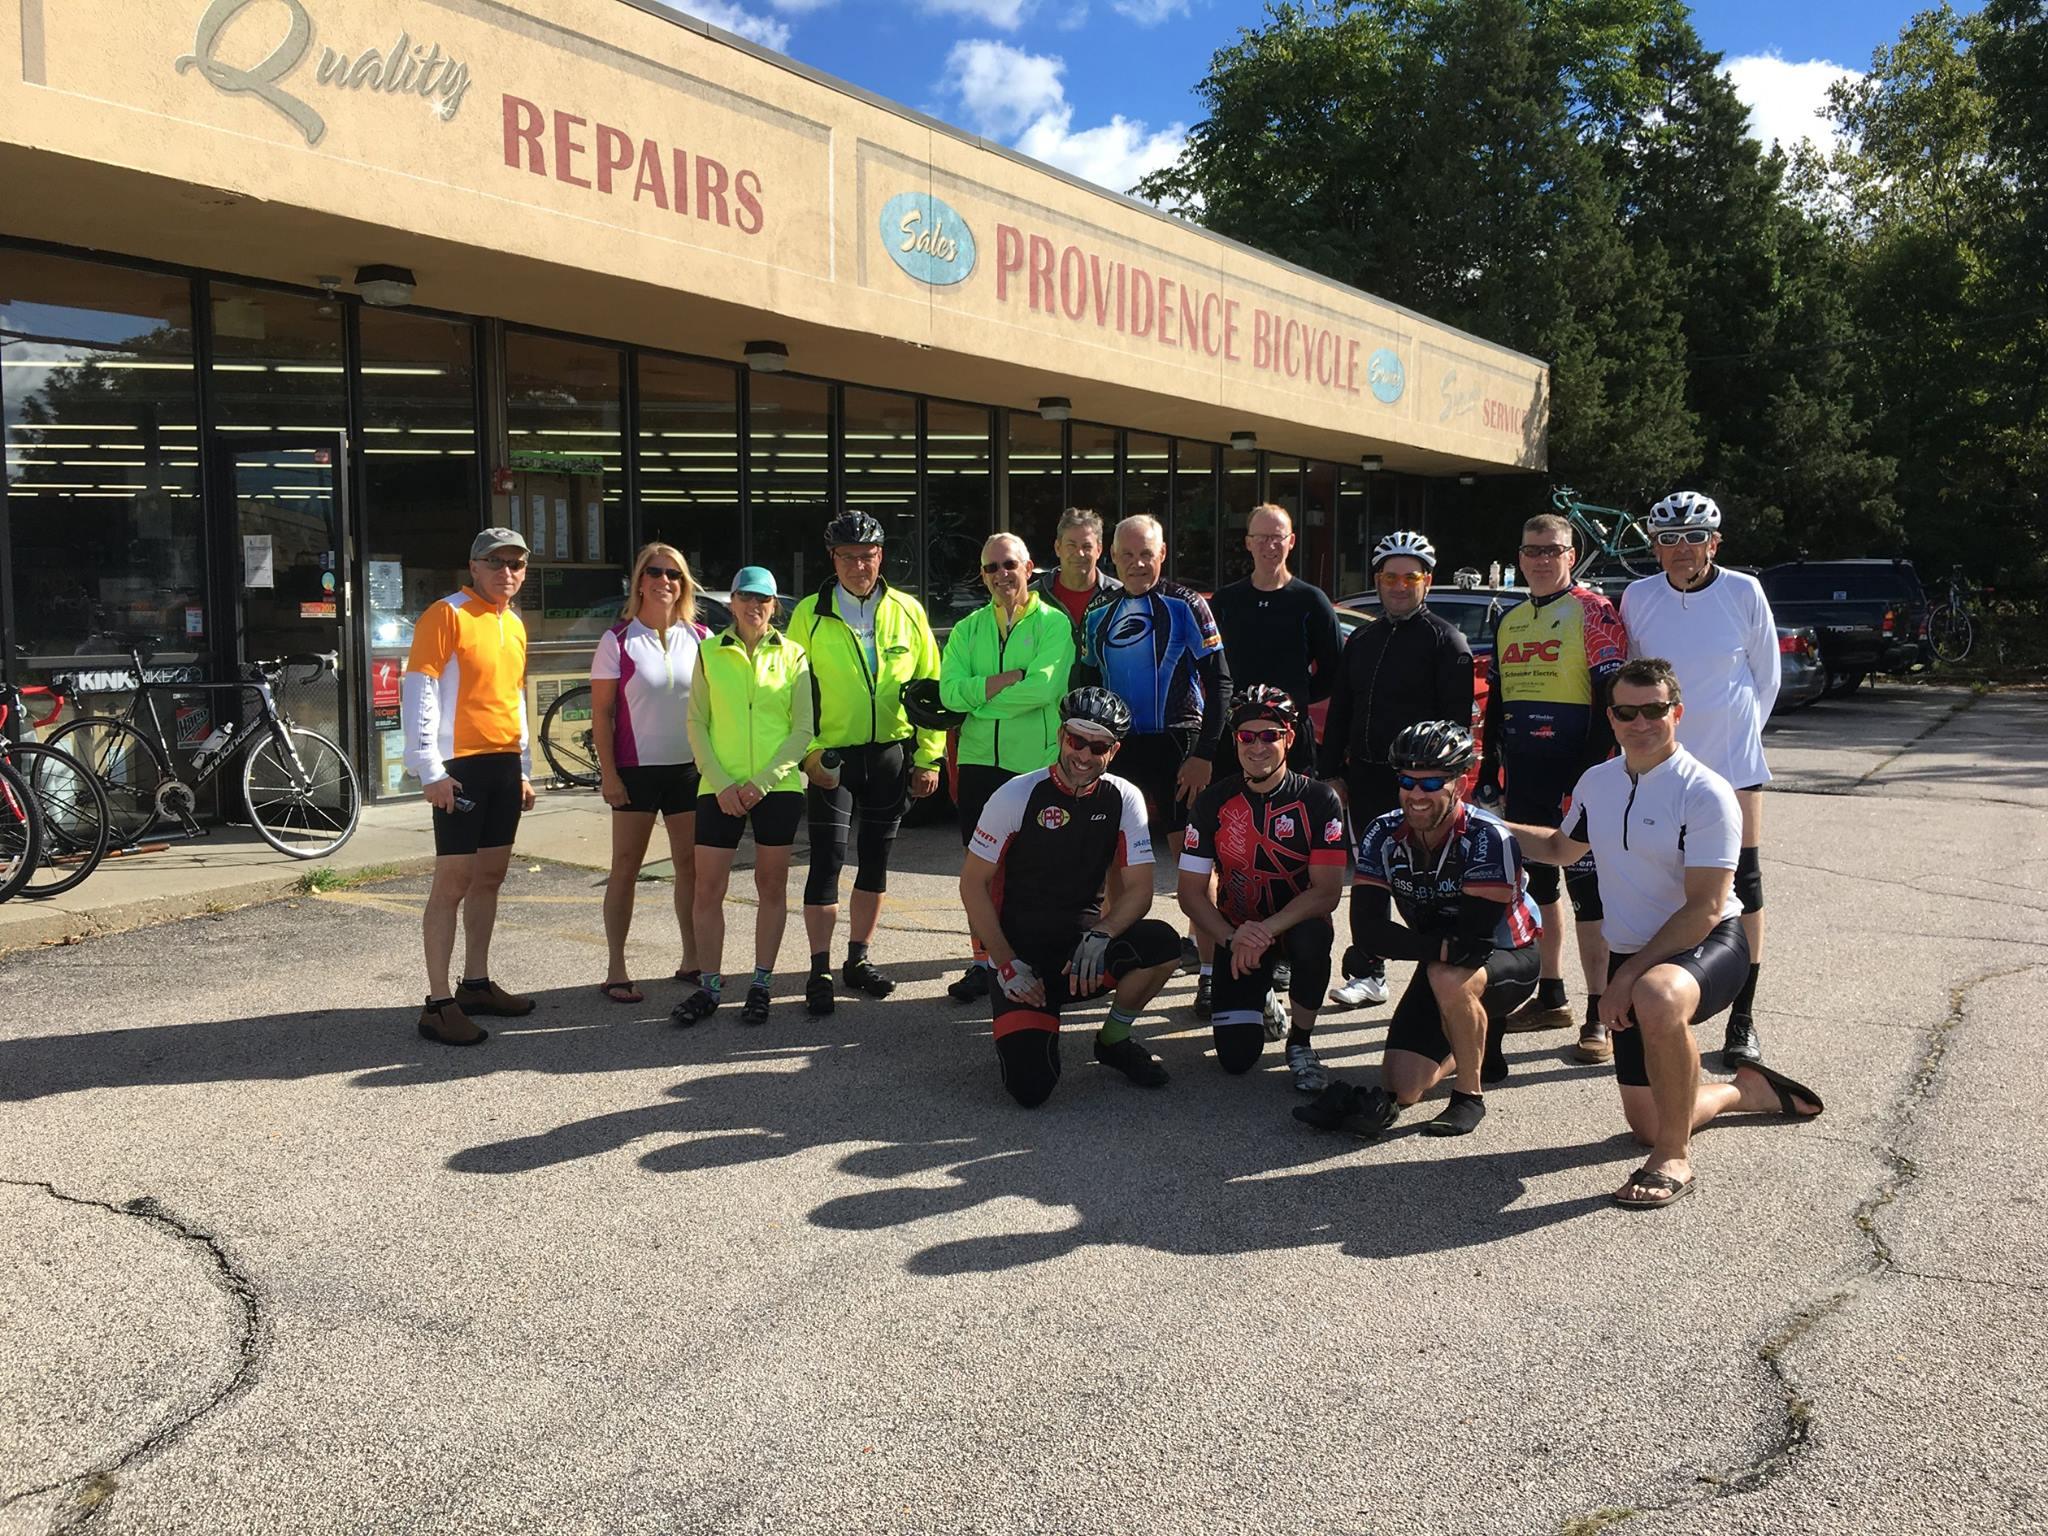 meet people in providence who like bike & beer